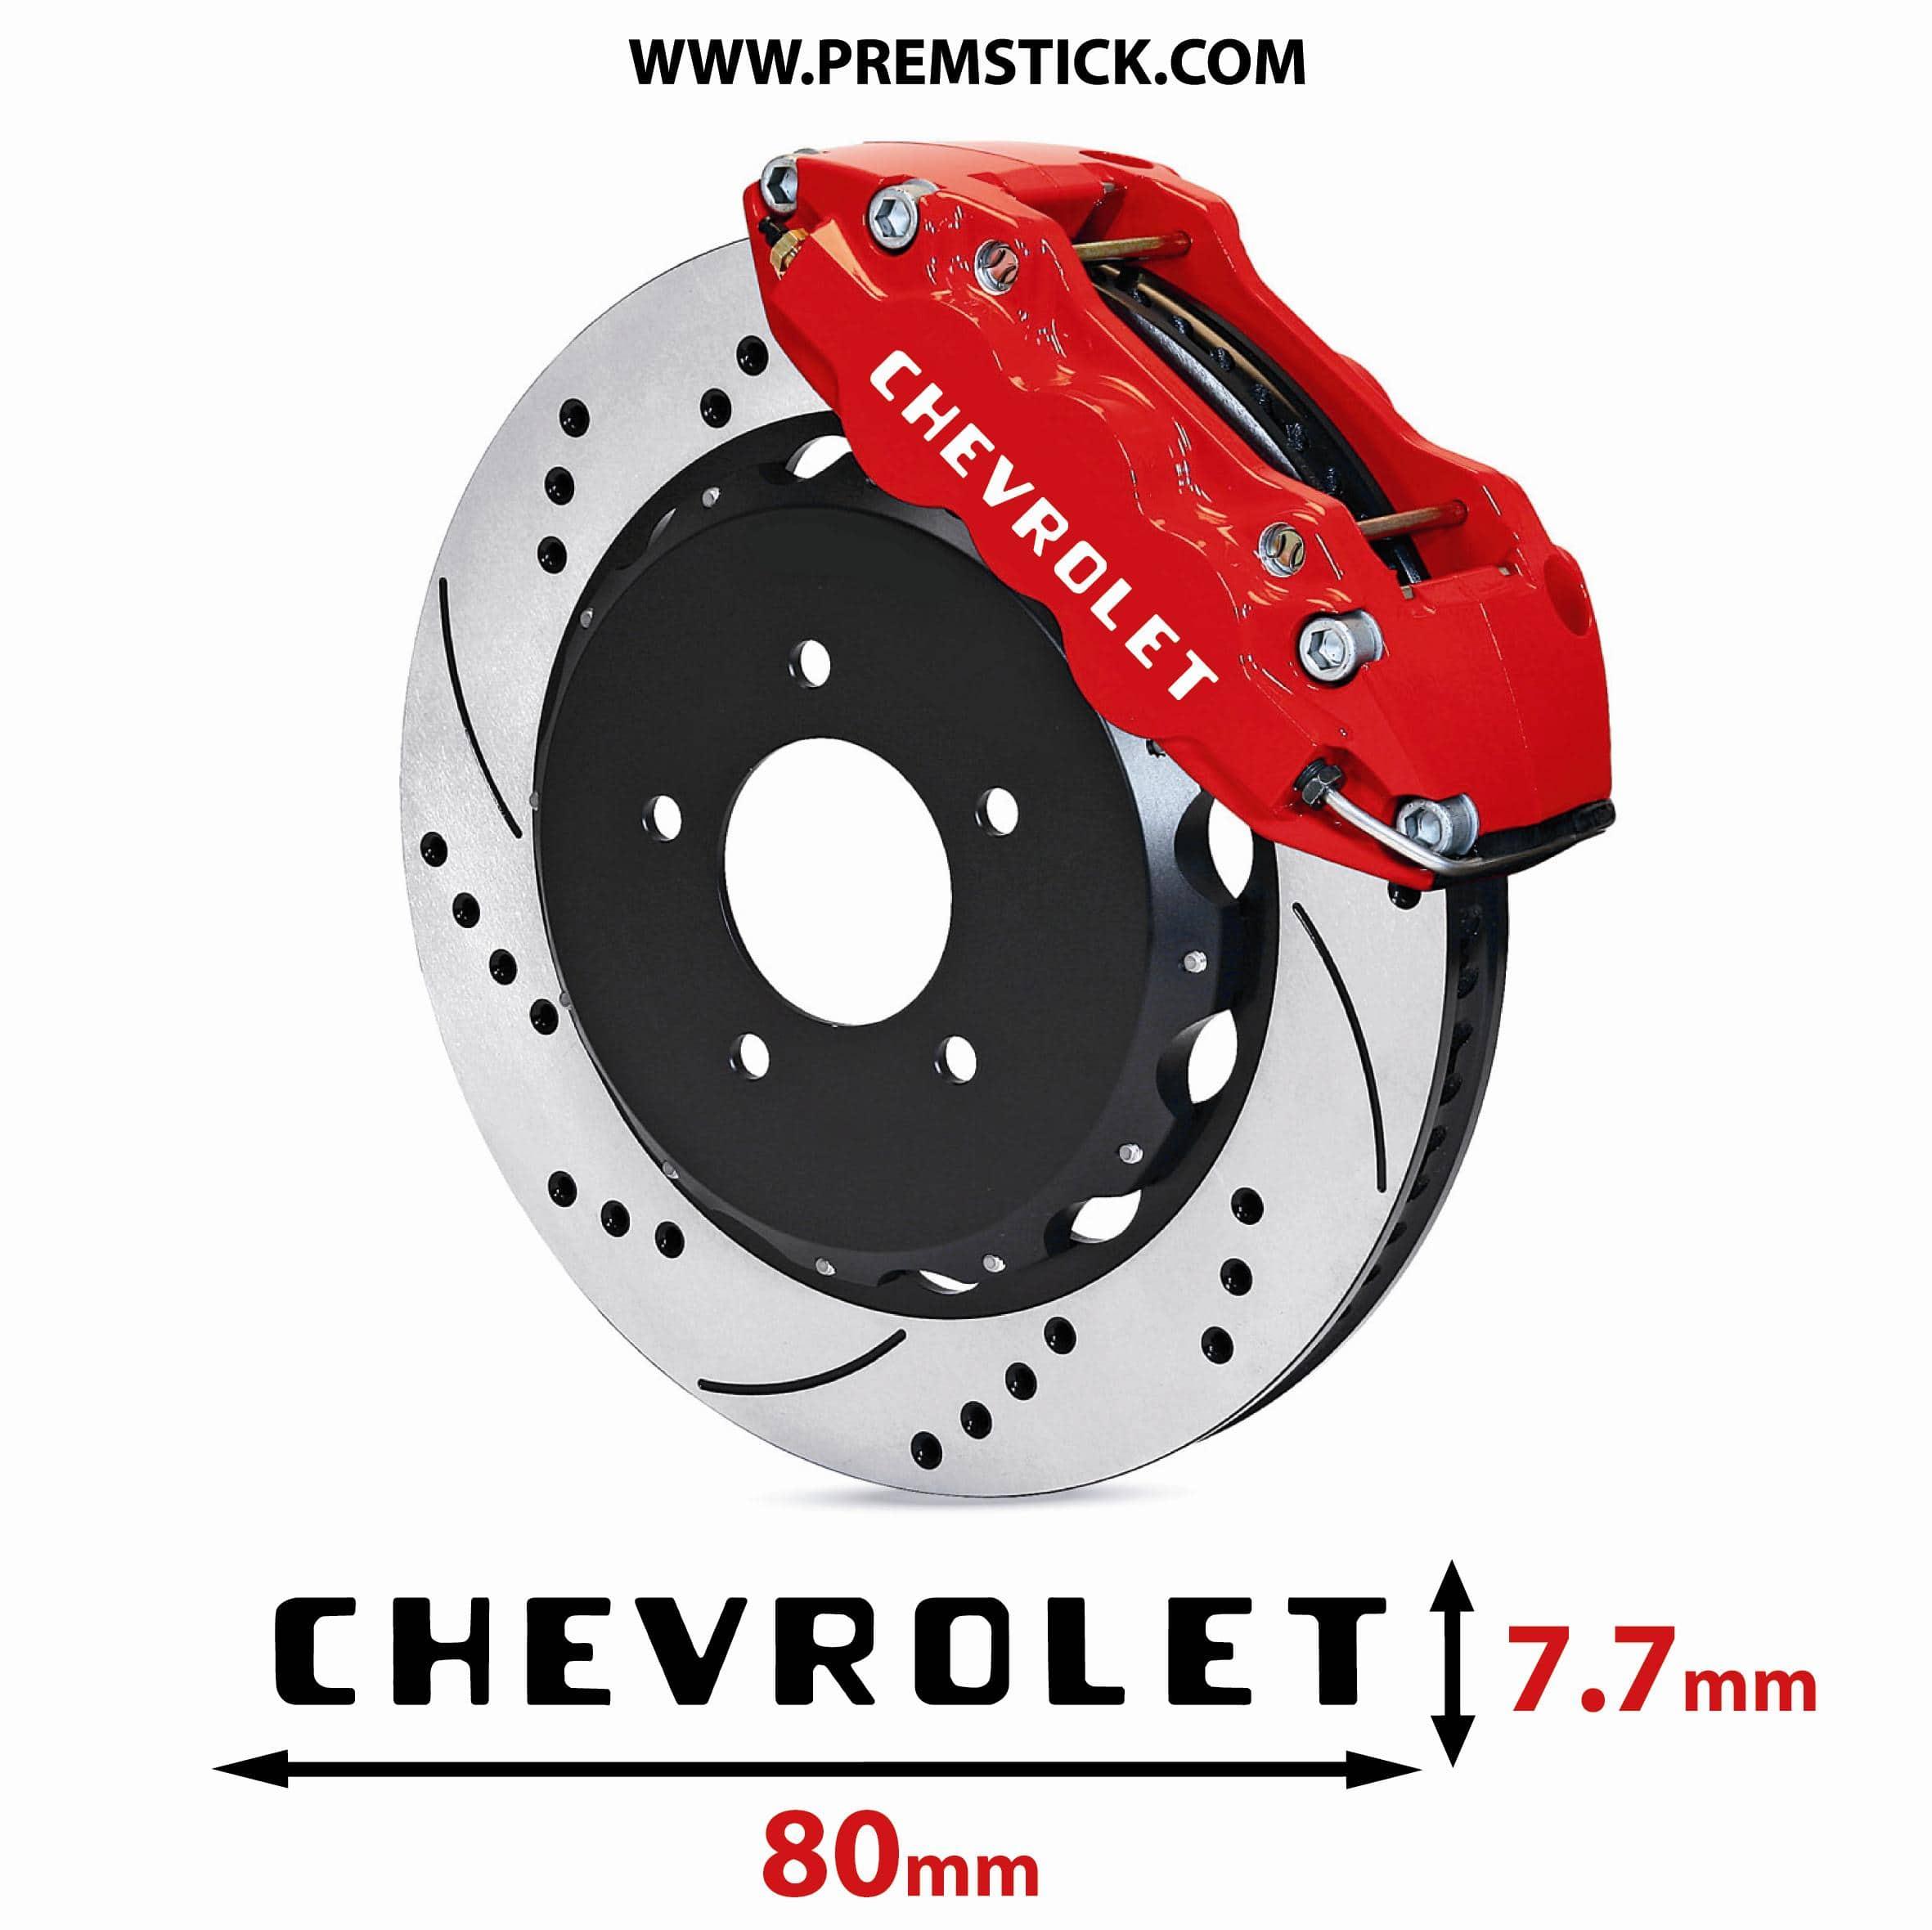 stickers-etrier-de-frein-chevrolet-ref1-autocollant-etriers-freins-logo-voiture-sticker-adhesif-auto-car-disque-plaquette-pneu-jantes-racing-tuning-sponsors-sport-min